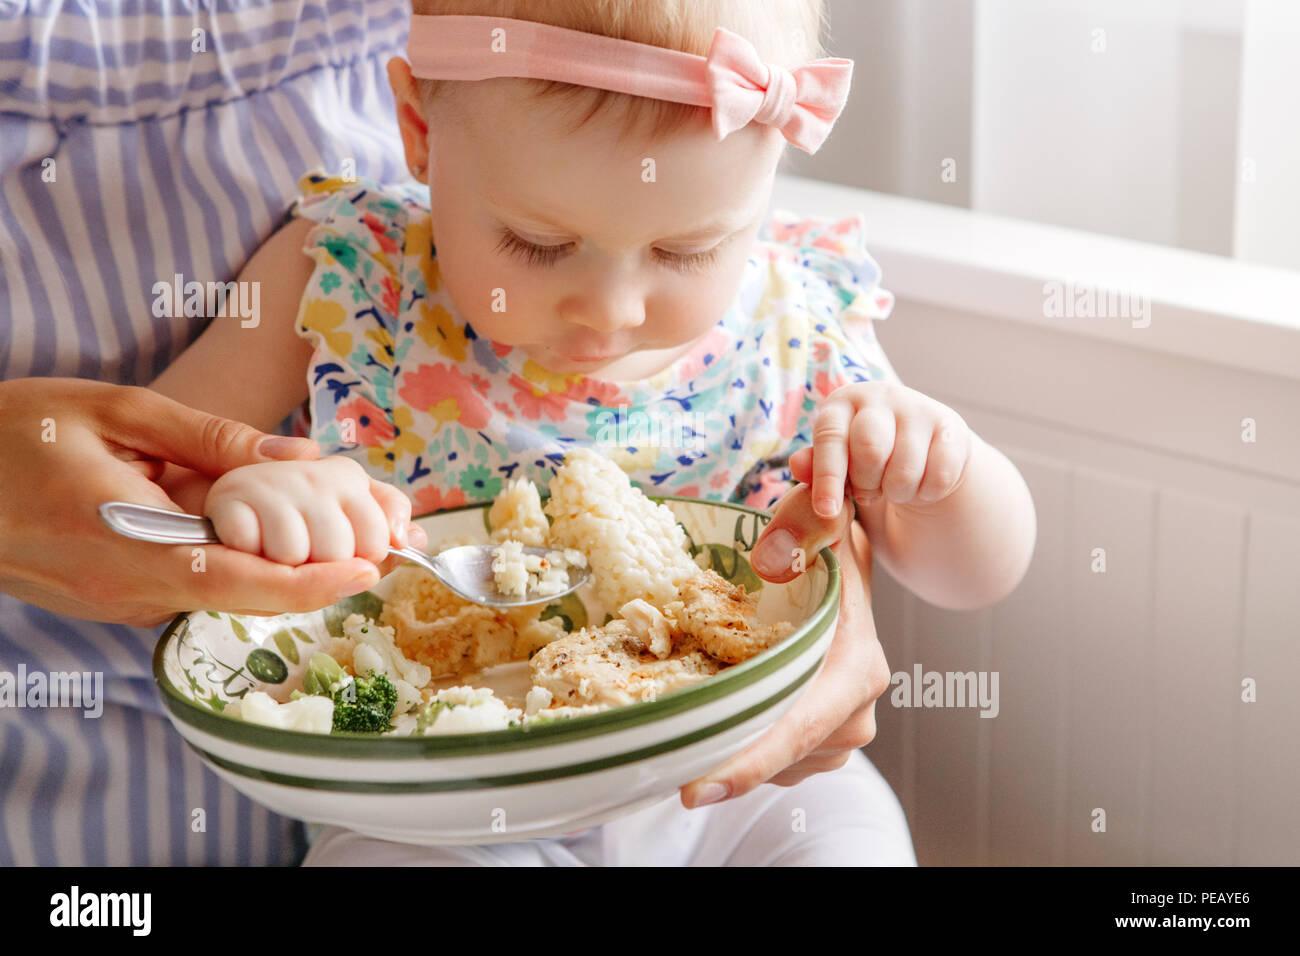 Closeup portrait of young woman mère nourrit sa fille fille avec légumes Brocoli Chou-fleur. Aliments biologiques sains pour les enfants. Natures mortes candide Banque D'Images